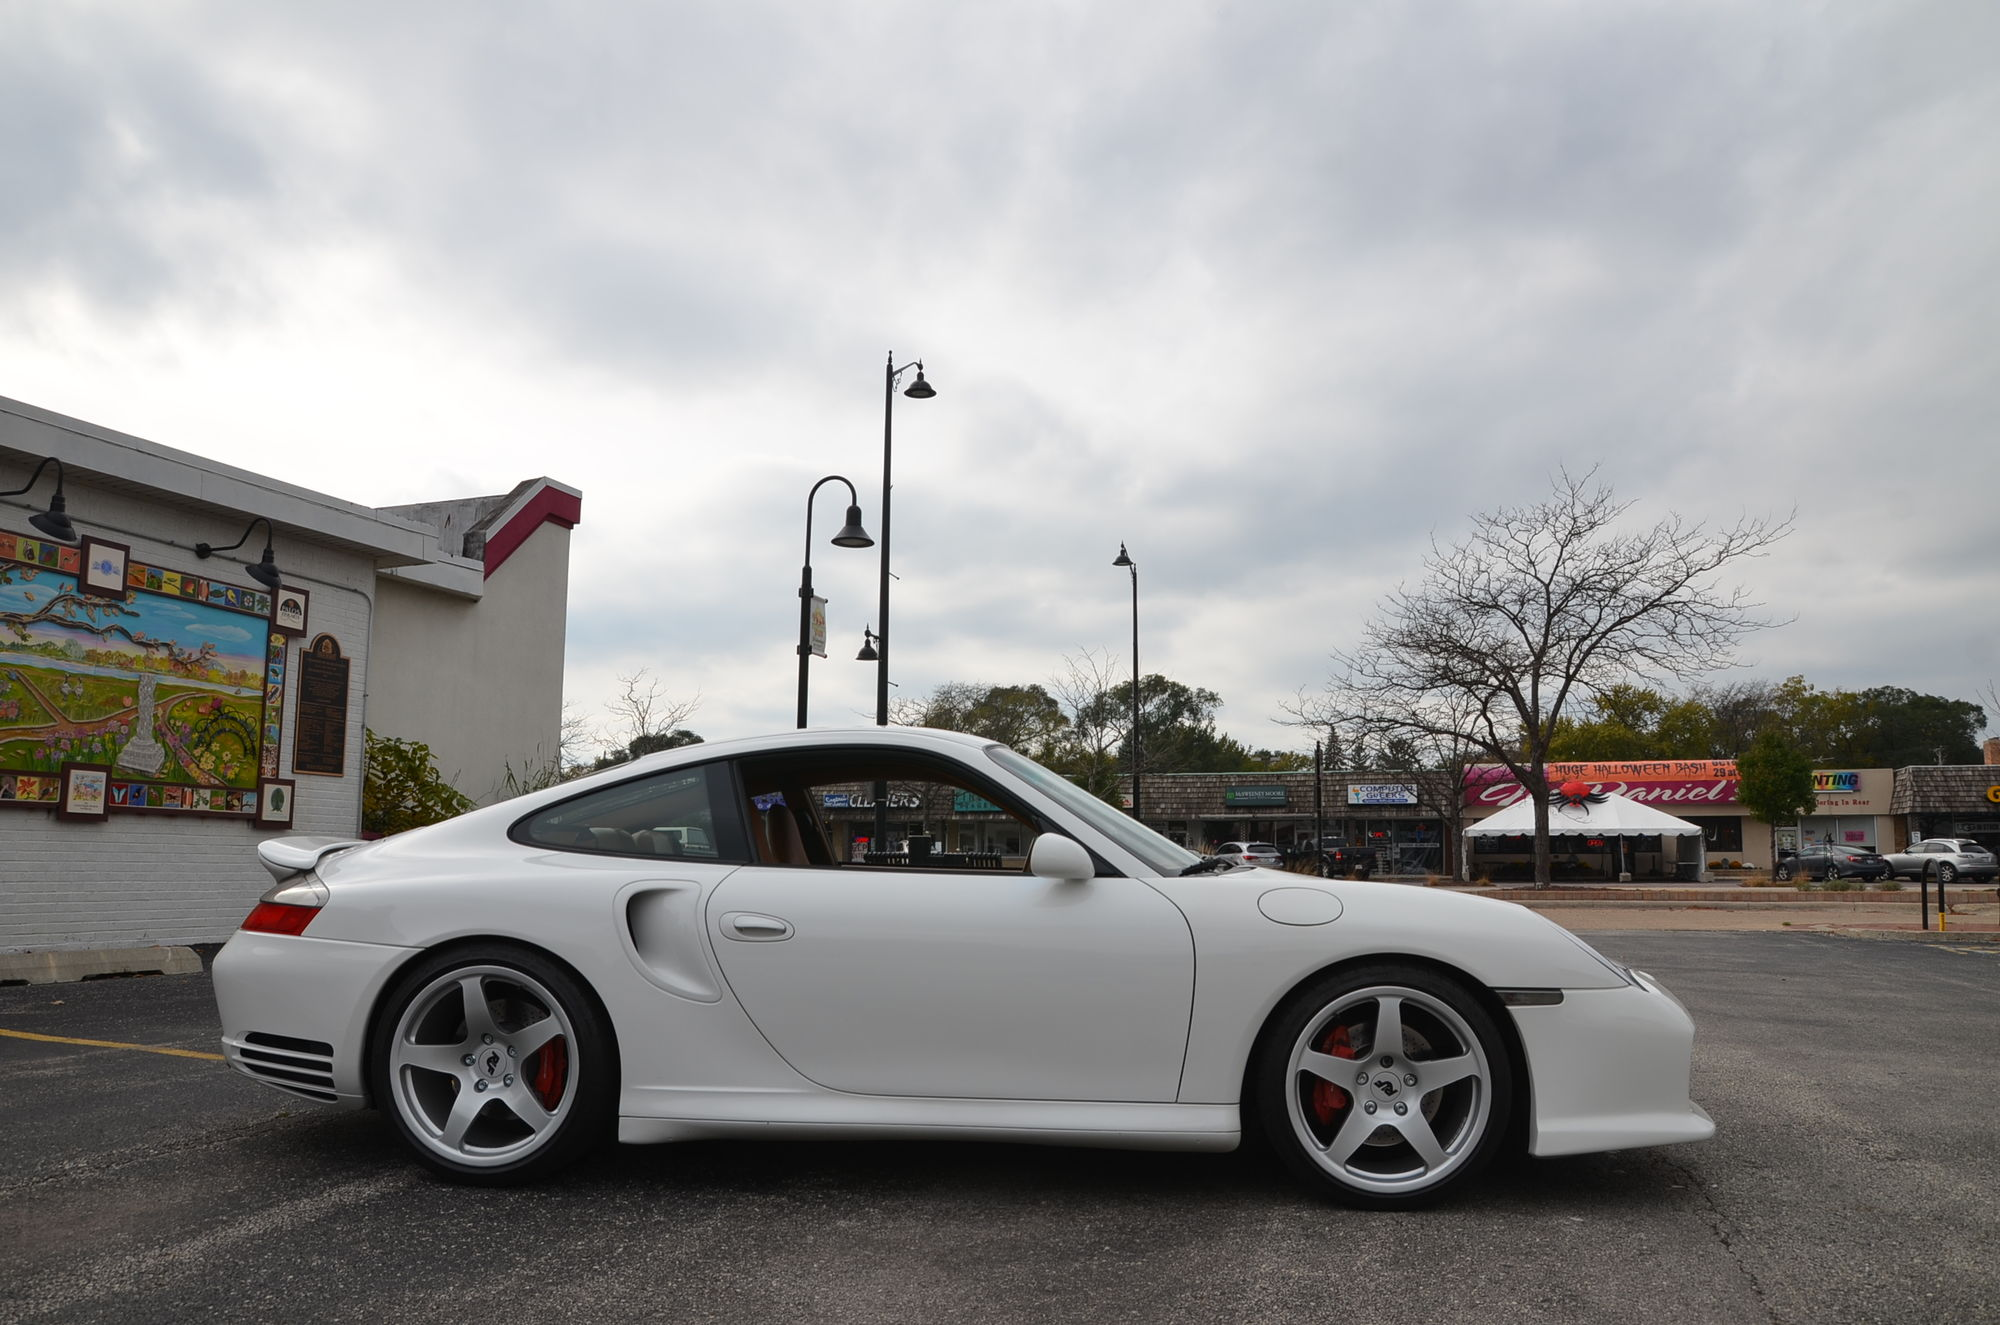 80-dsc_2109_f88f80b3f51001ee6c755a3bf21a733a2235114c Terrific 2002 Porsche 911 Carrera Turbo Gt2 X50 Cars Trend